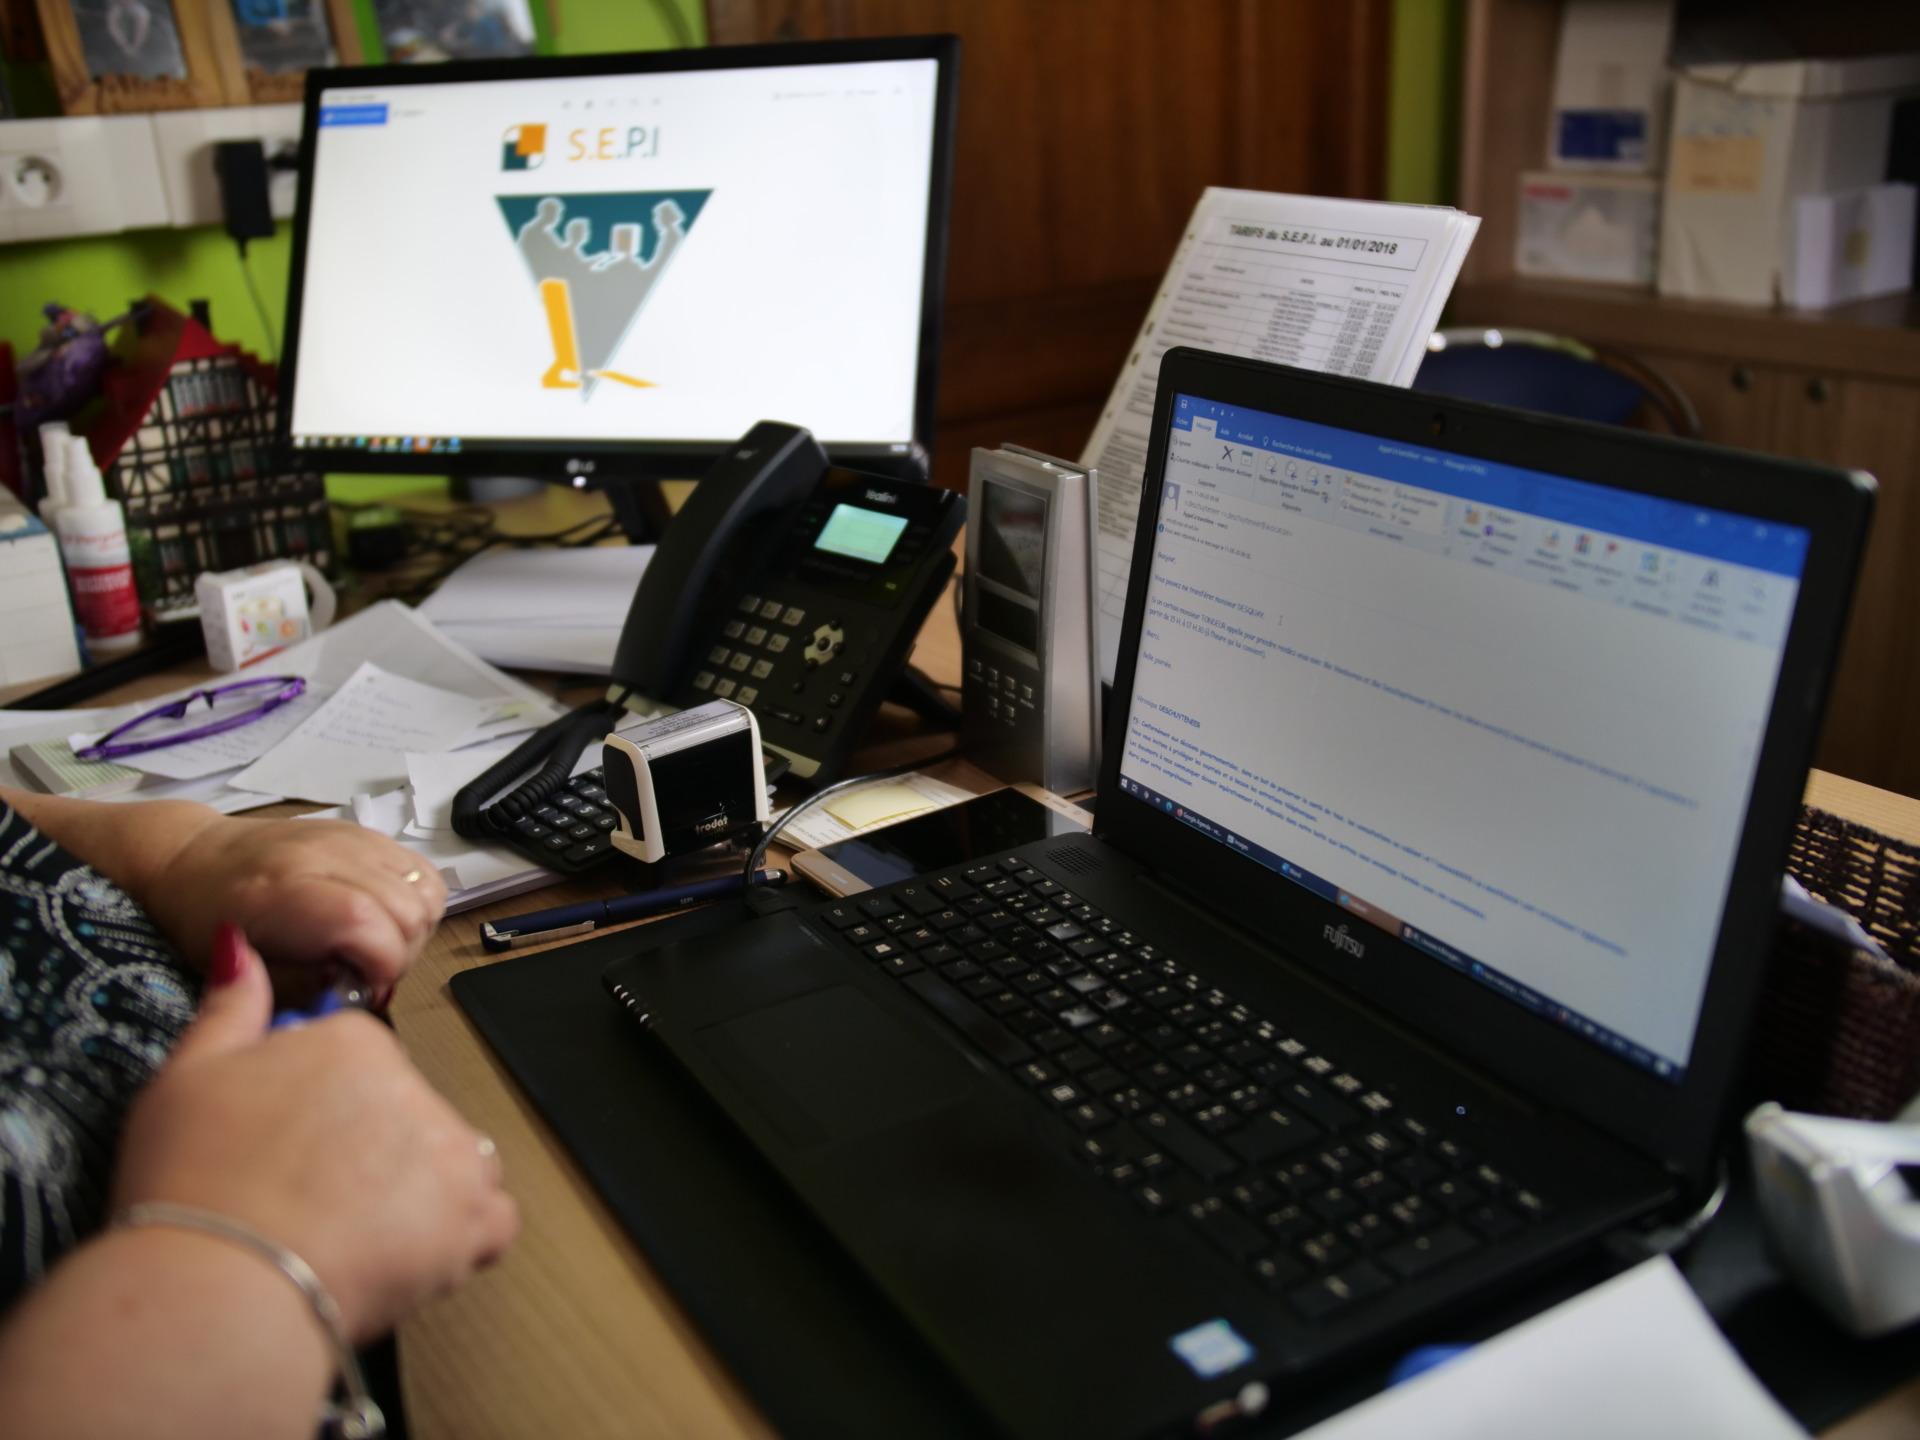 Travaux de dactylographie et rédaction de votre courrier administratif | SEPI (Secrétariat Ecaussinnois pour Particuliers et Indépendants)